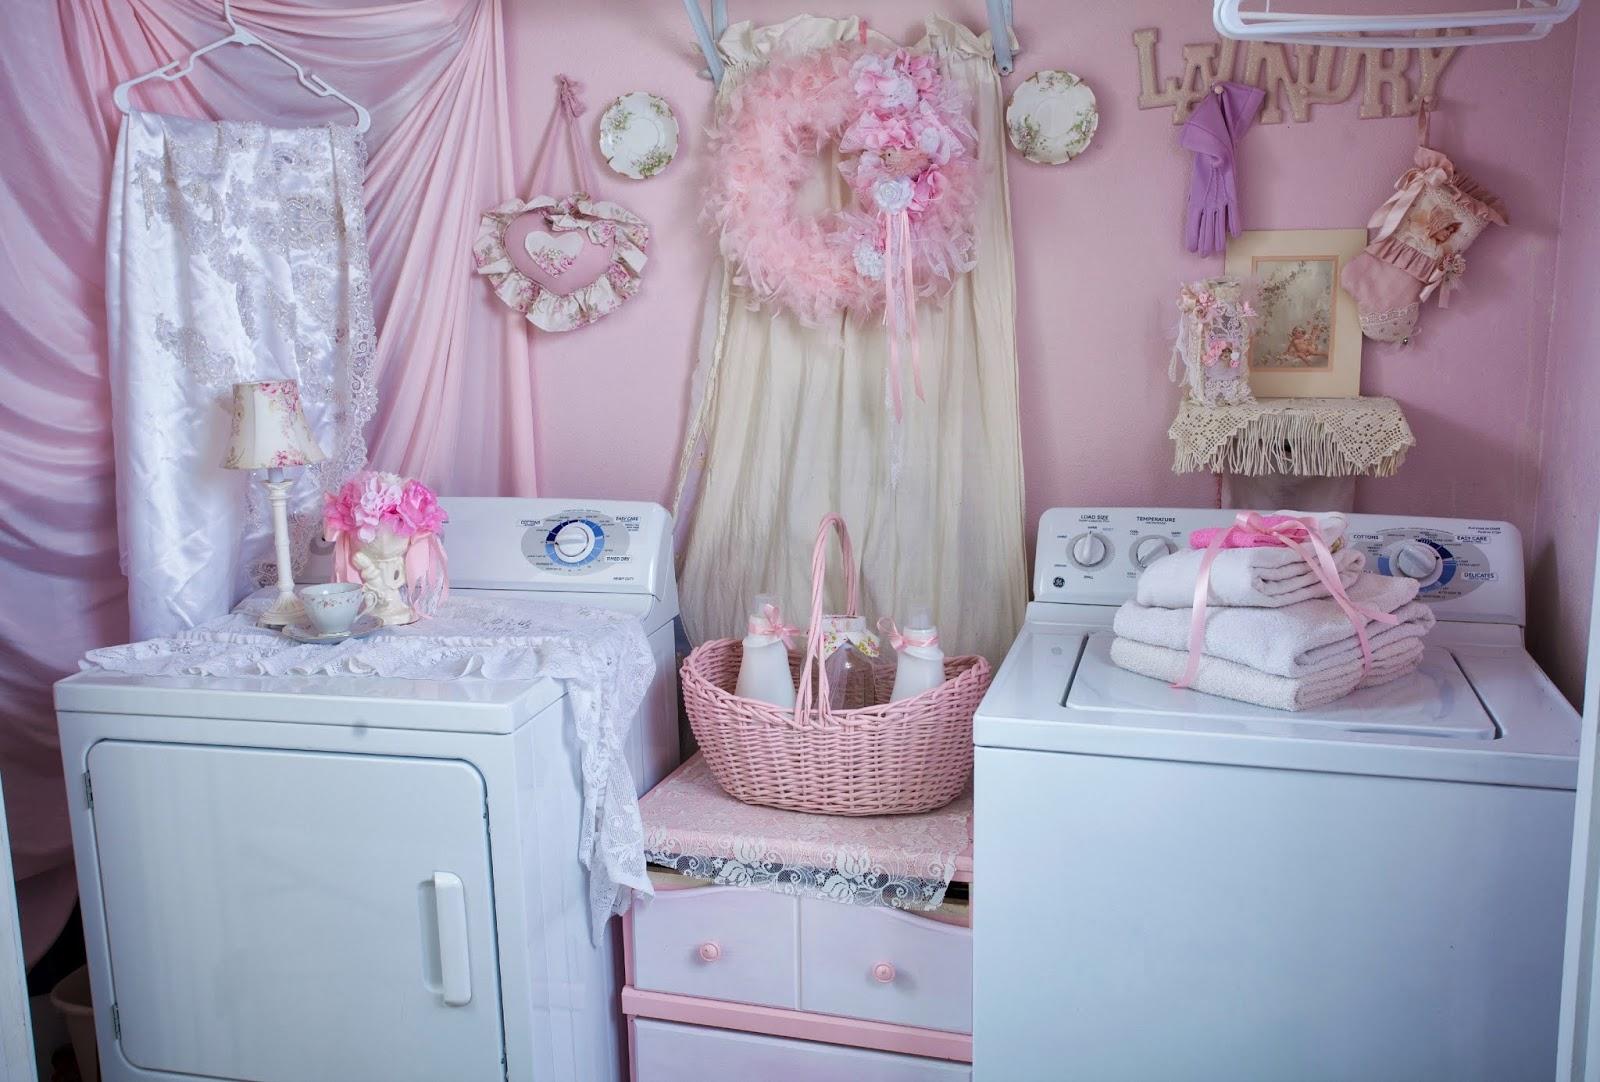 Olivia 39 s romantic home shabby chic pink laundry room - Casa romantica shabby chic ...